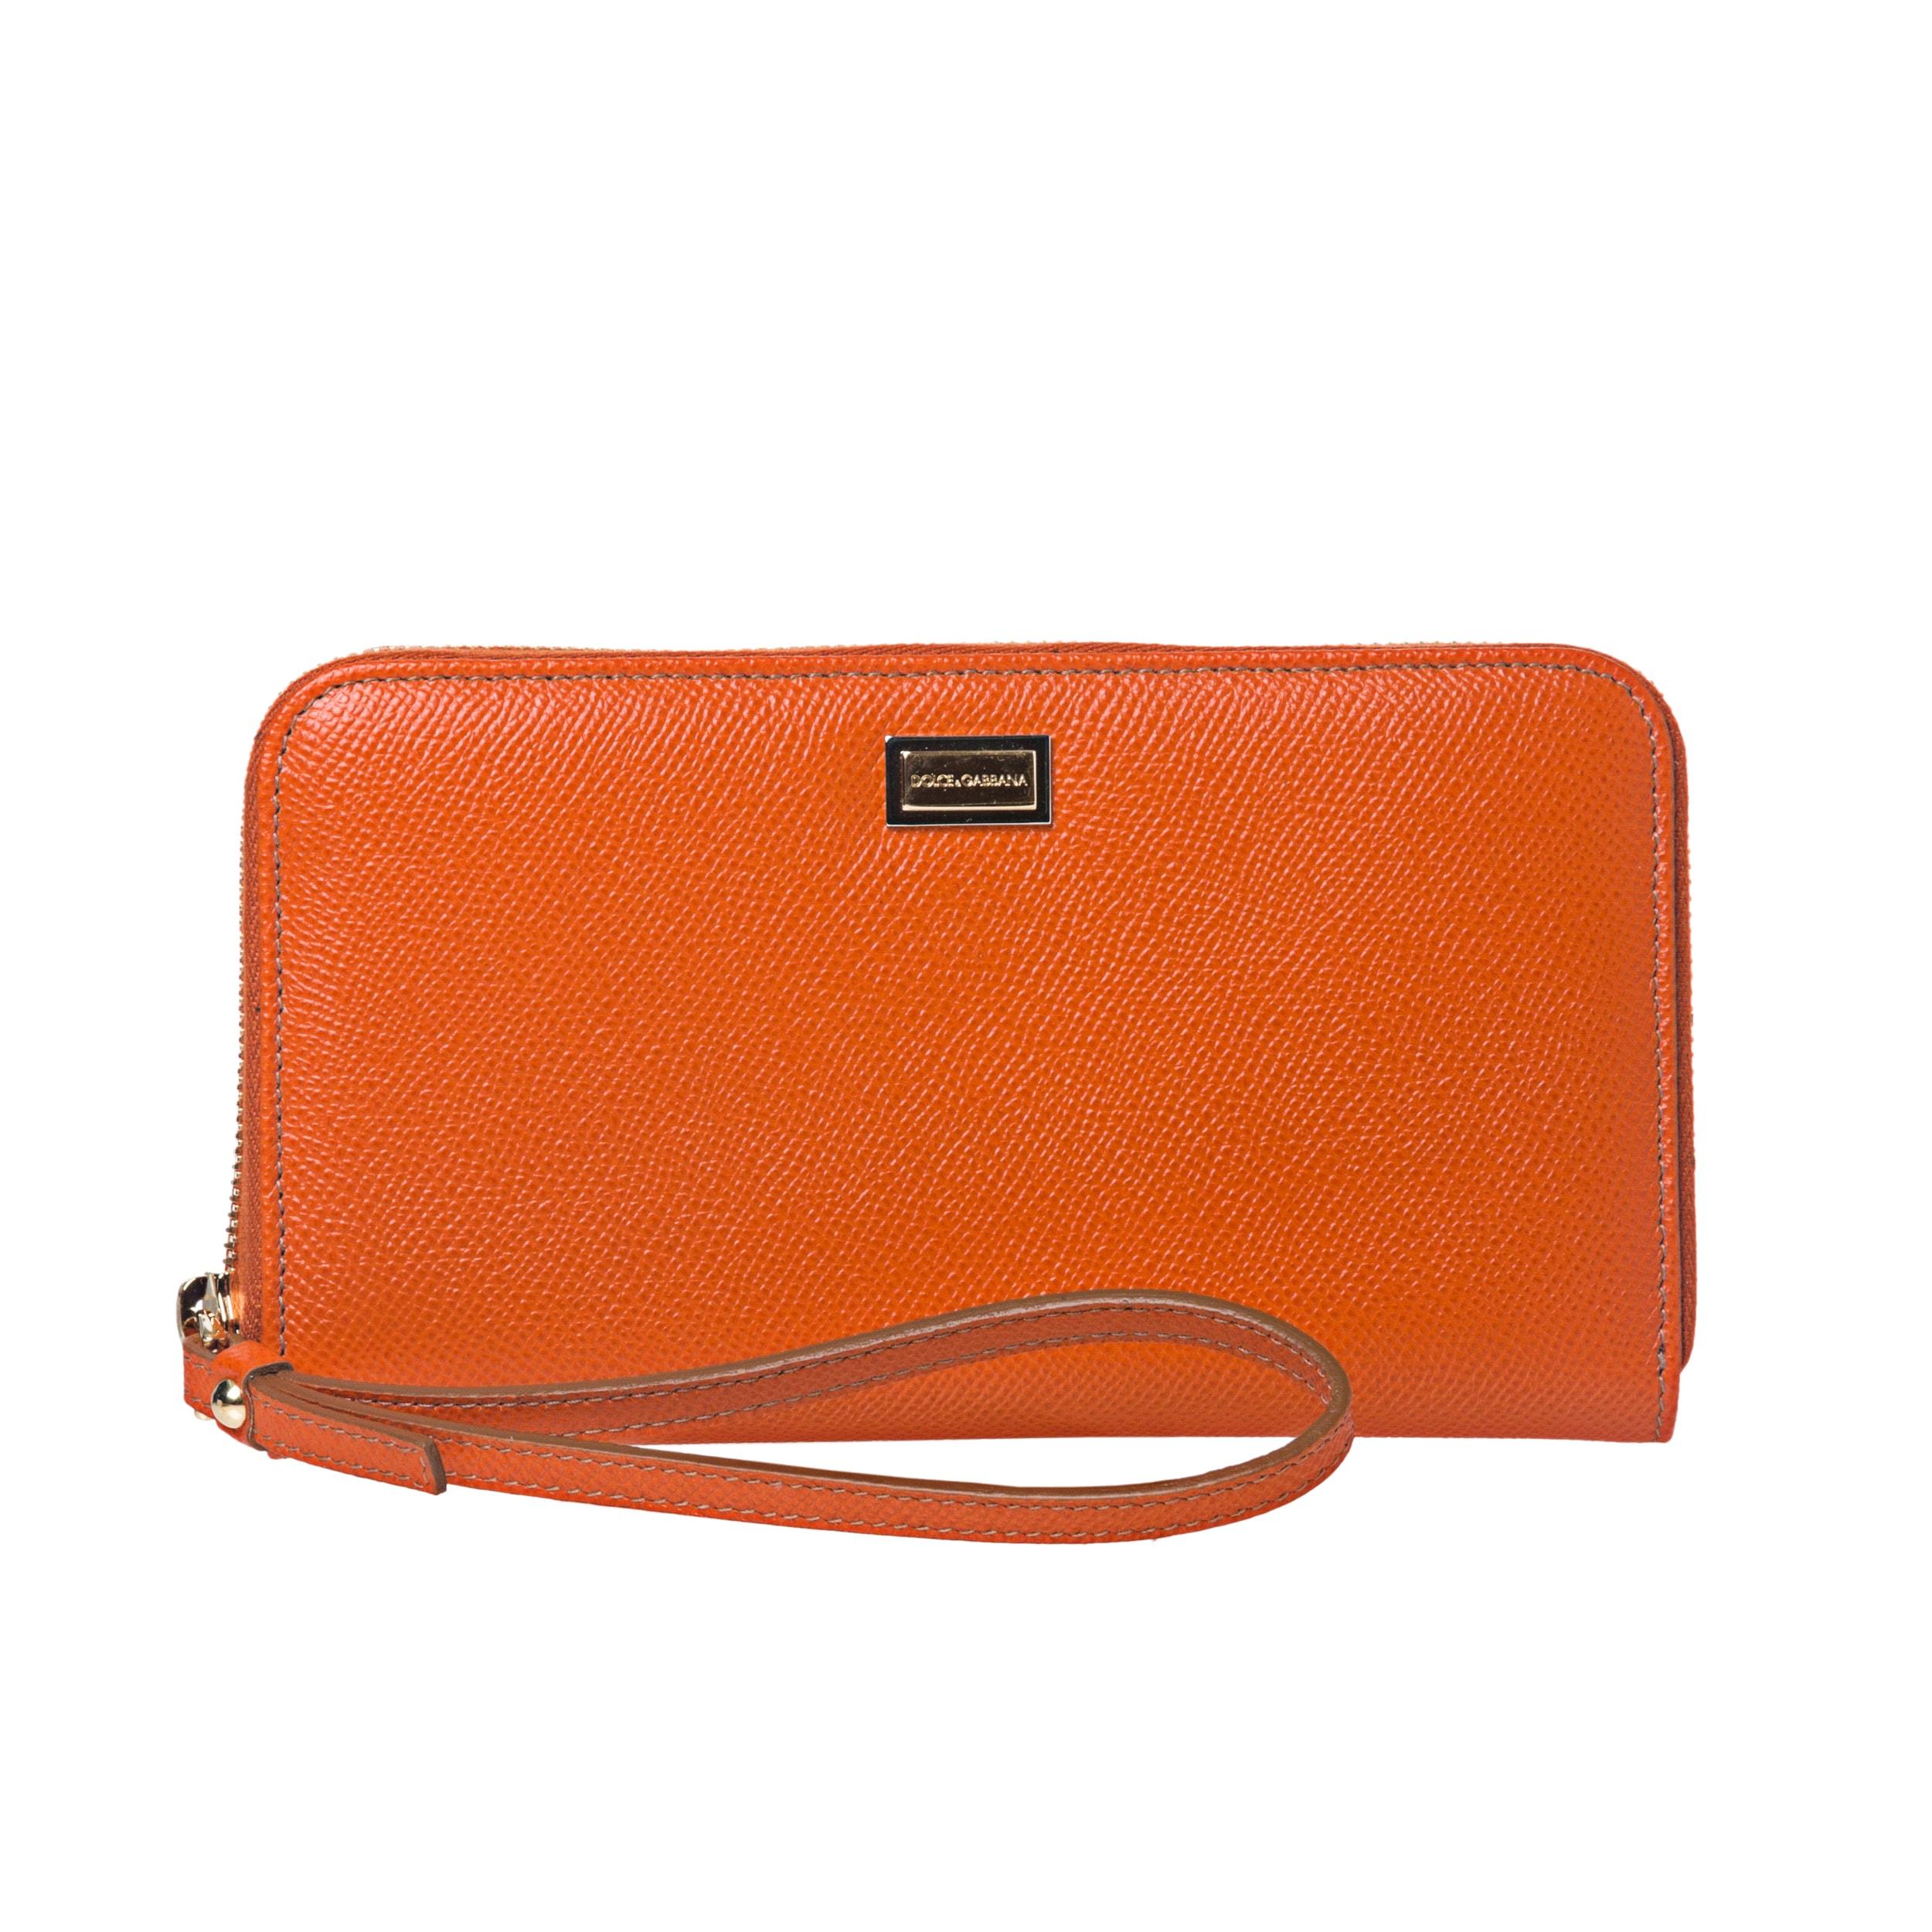 Dolce & Gabbana Orange Leather Zip-around Wristlet